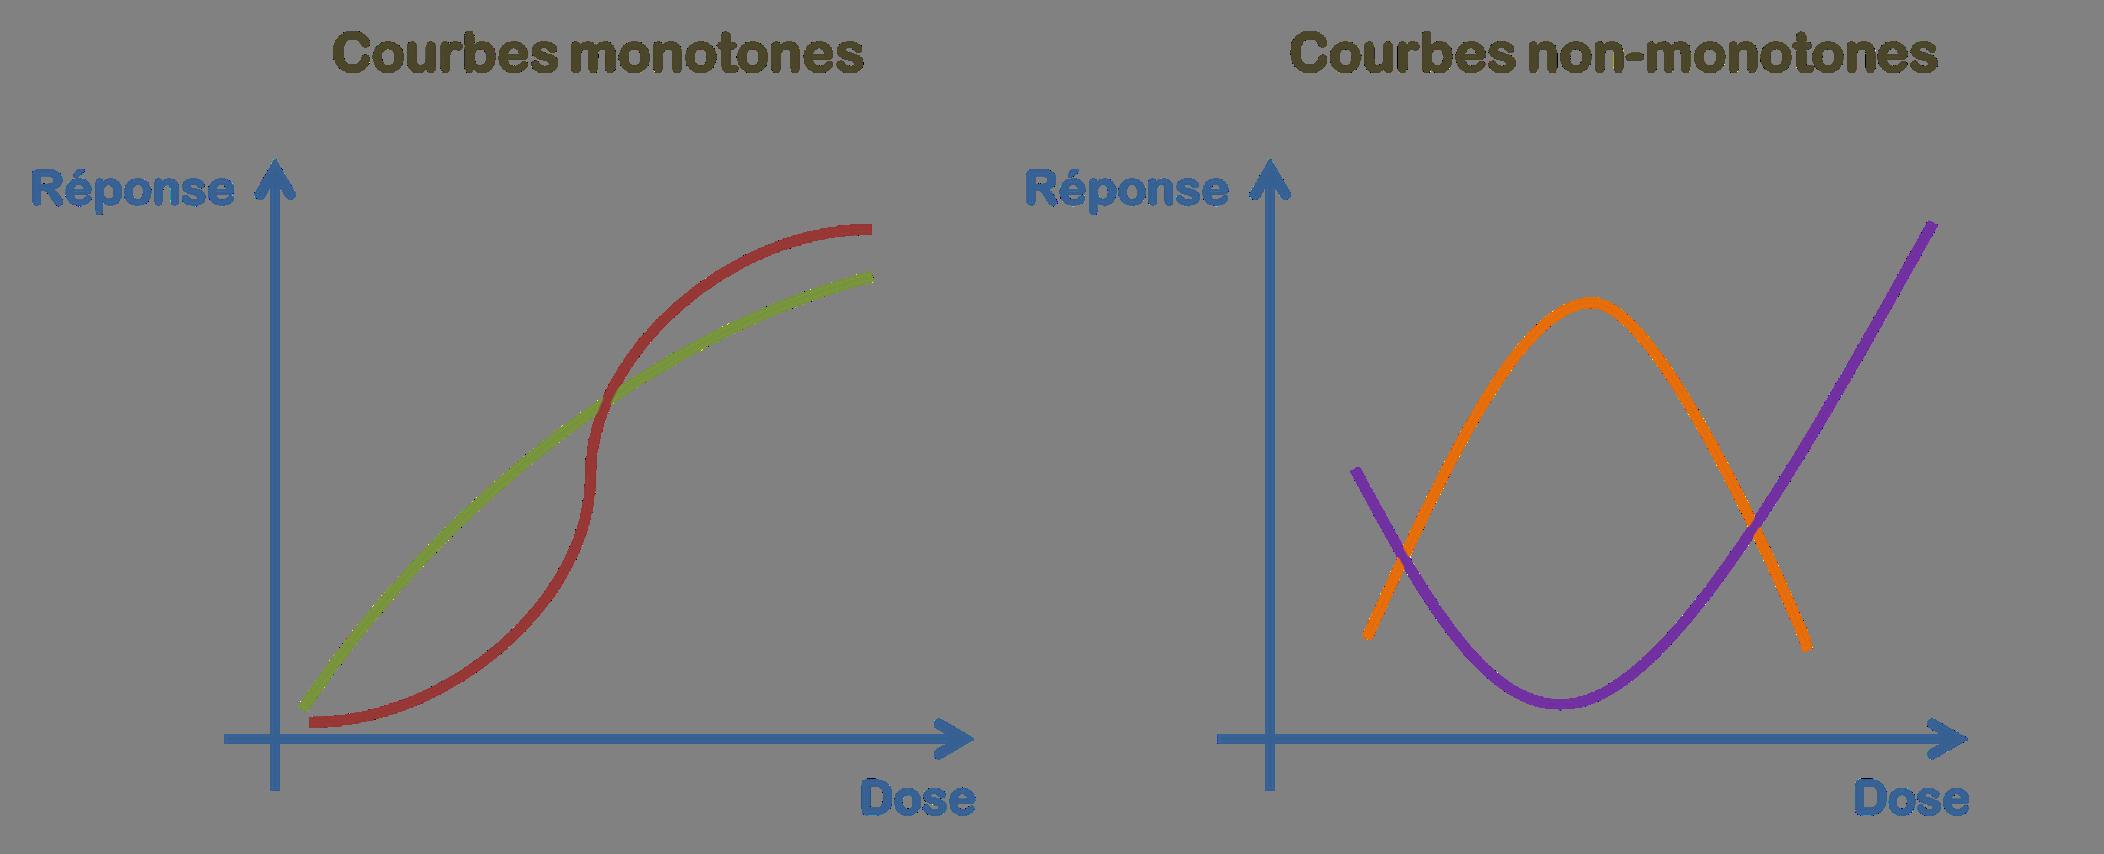 courbes monotones et non monotones - perturbateurs endocriniens